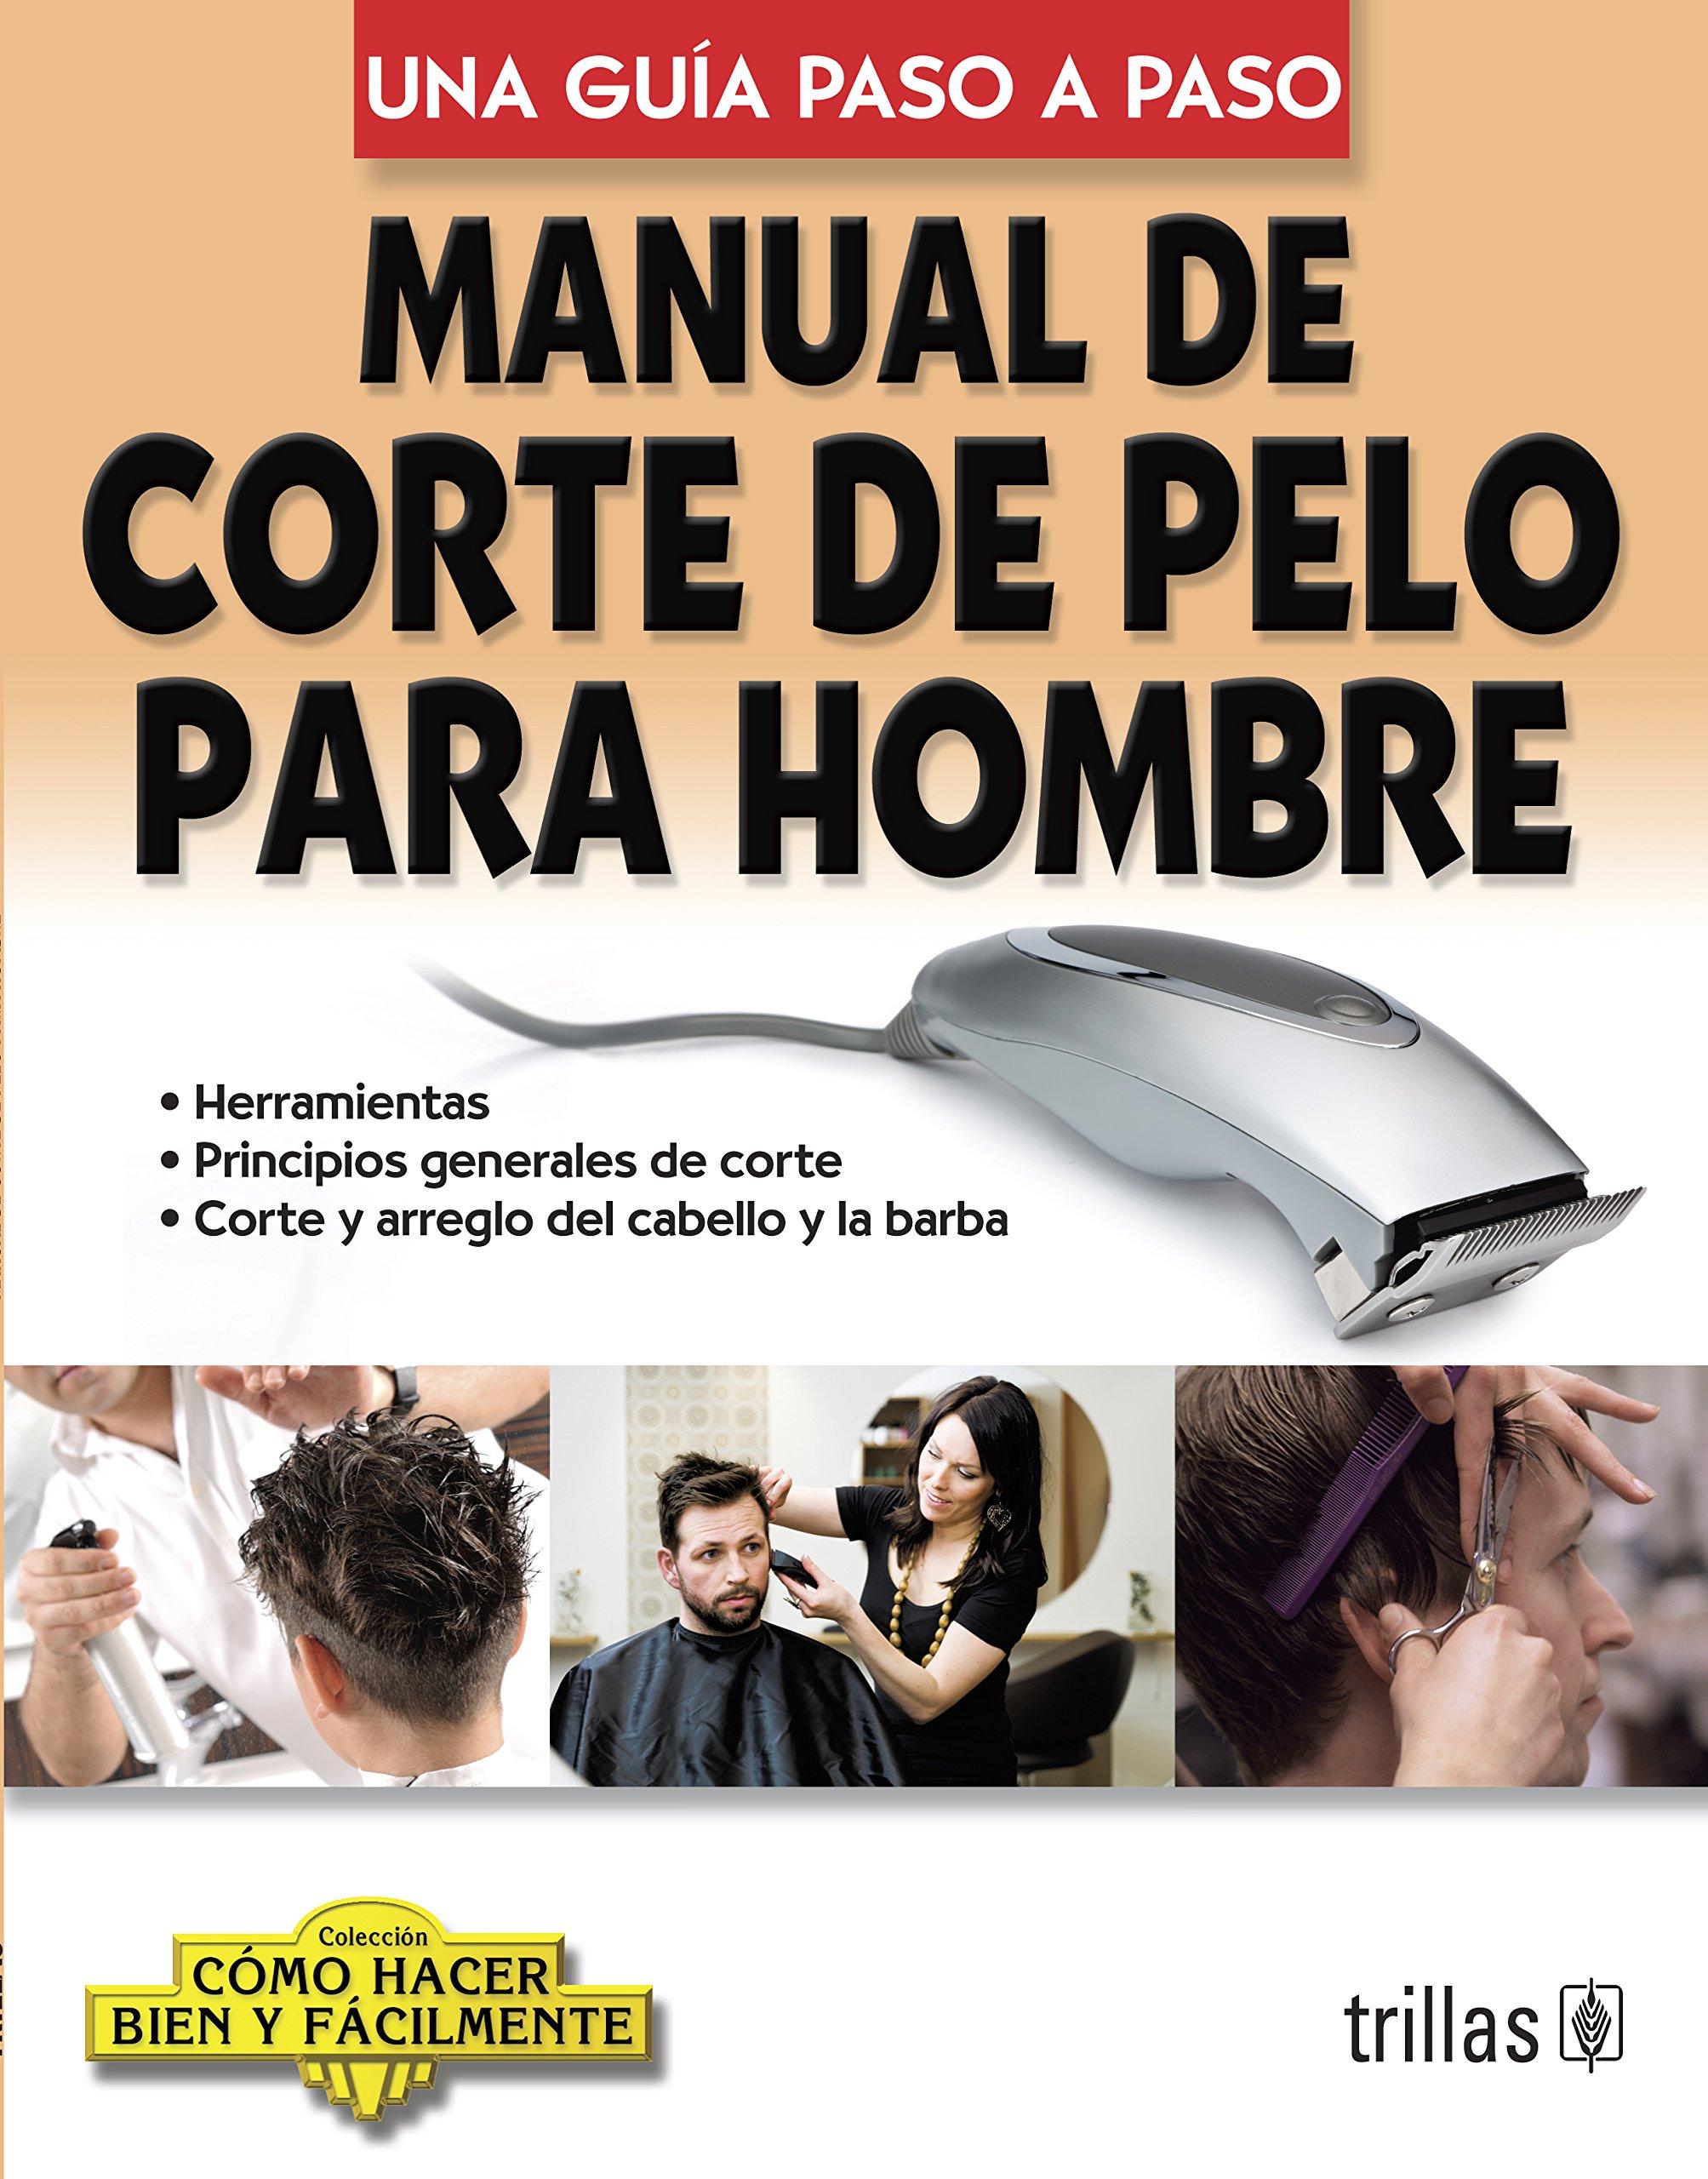 Manual de corte de pelo para hombre / Manual of Men's Haircut: Una guia paso a paso / A Step by Step Guide (Como hacer bien y facilmente / How to Do Well and Easily) (Spanish Edition) pdf epub